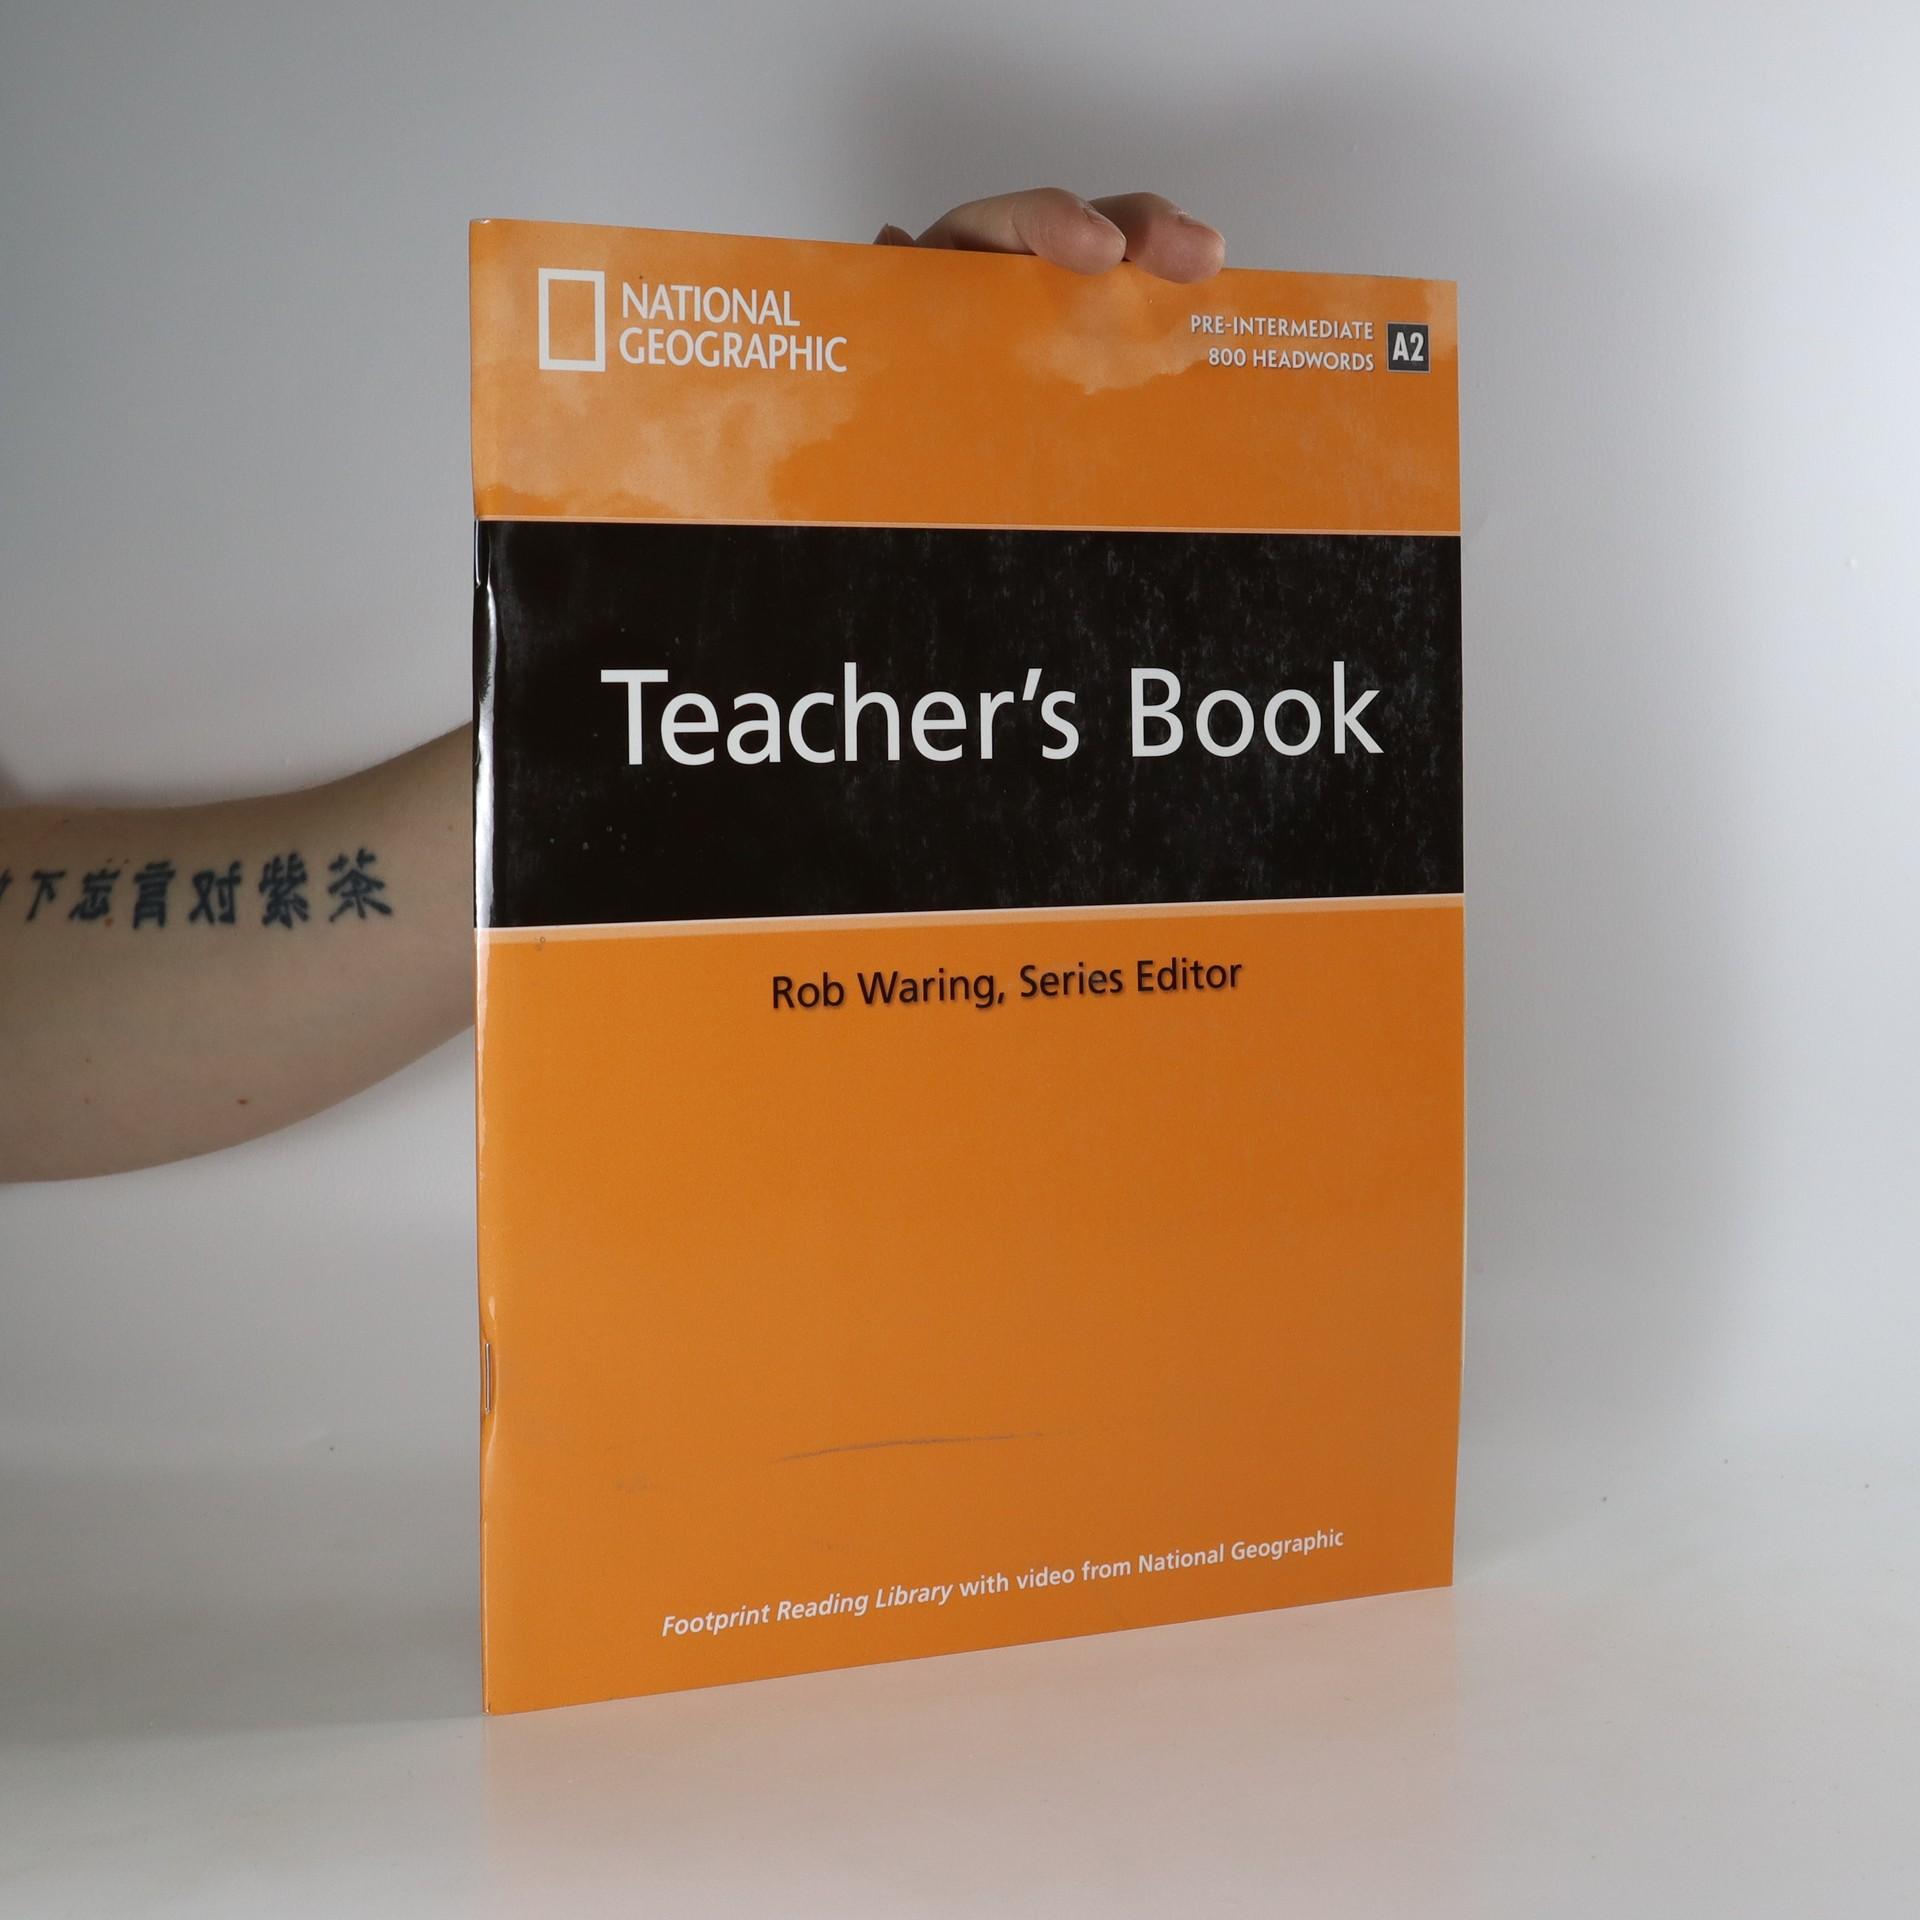 antikvární kniha Footprint Reading Library, Teacher's book, Pre-Intermediate/800 Headwords /A2, neuveden